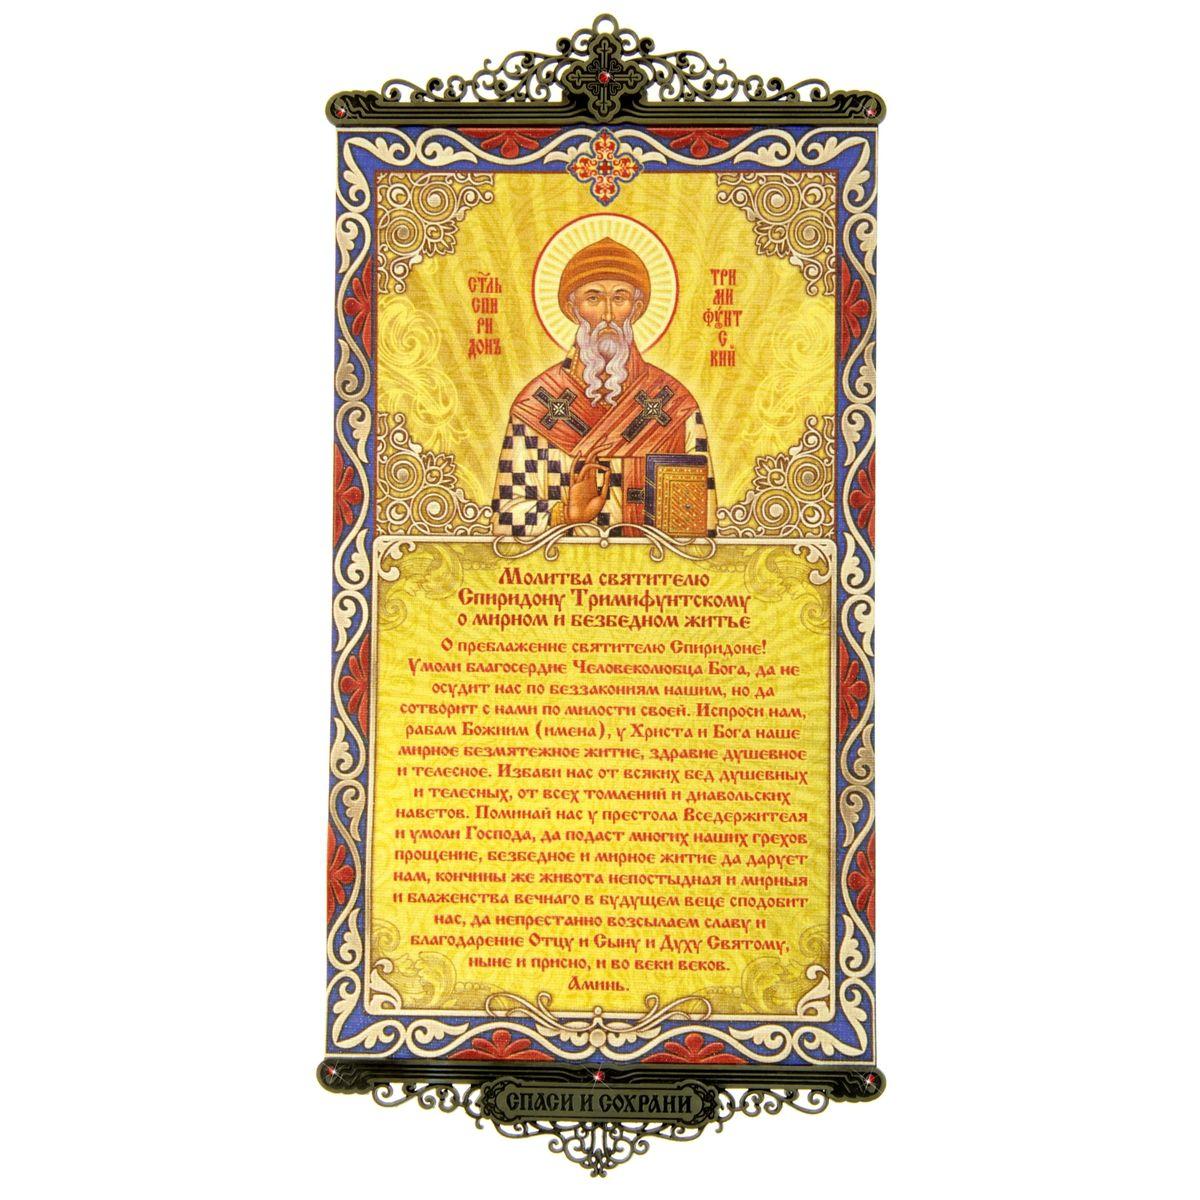 Икона с молитвой Молитва Спиридону Тримифунтскому о мирном и безбедном житье, на подвесах54 009312Икона с молитвой Молитва Спиридону Тримифунтскому о мирном и безбедном житье выполнена из плотного текстиля с нанесенным цветным рисунком, края декорированы ажурными металлическими вставками со стразами. Цветовая гамма и интерьер влияют на настроение каждого, именно поэтому так важны детали, которые нас окружают. Знатоки интерьерных решений стараются применять самые разнообразные решения при художественном оформлении внутреннего пространства и использовать все возможные материалы. Икона с молитвой на подвесах - это хорошее решение для интерьера по выгодной цене!